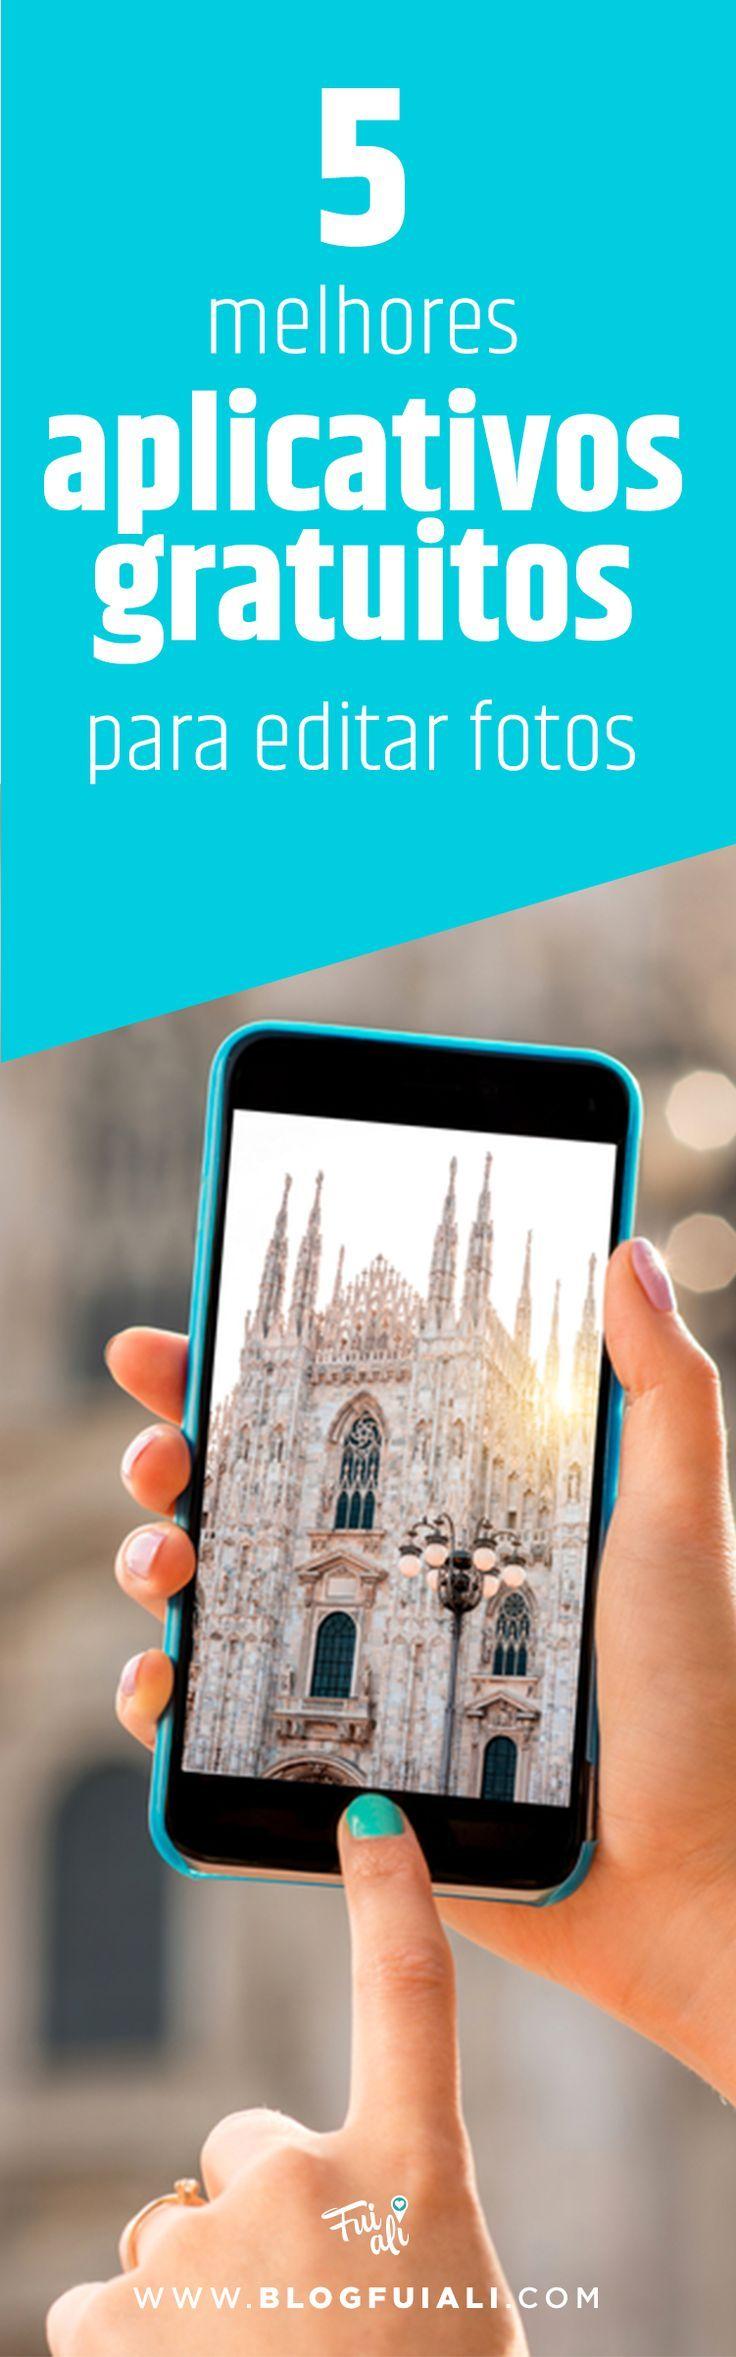 Entre VSCO CAM, Snapseed e outros, escolhemos os 5 aplicativos que mais gostamos na hora de editar fotos principalmente para o instagram e Tumblr. Você já usou algum?